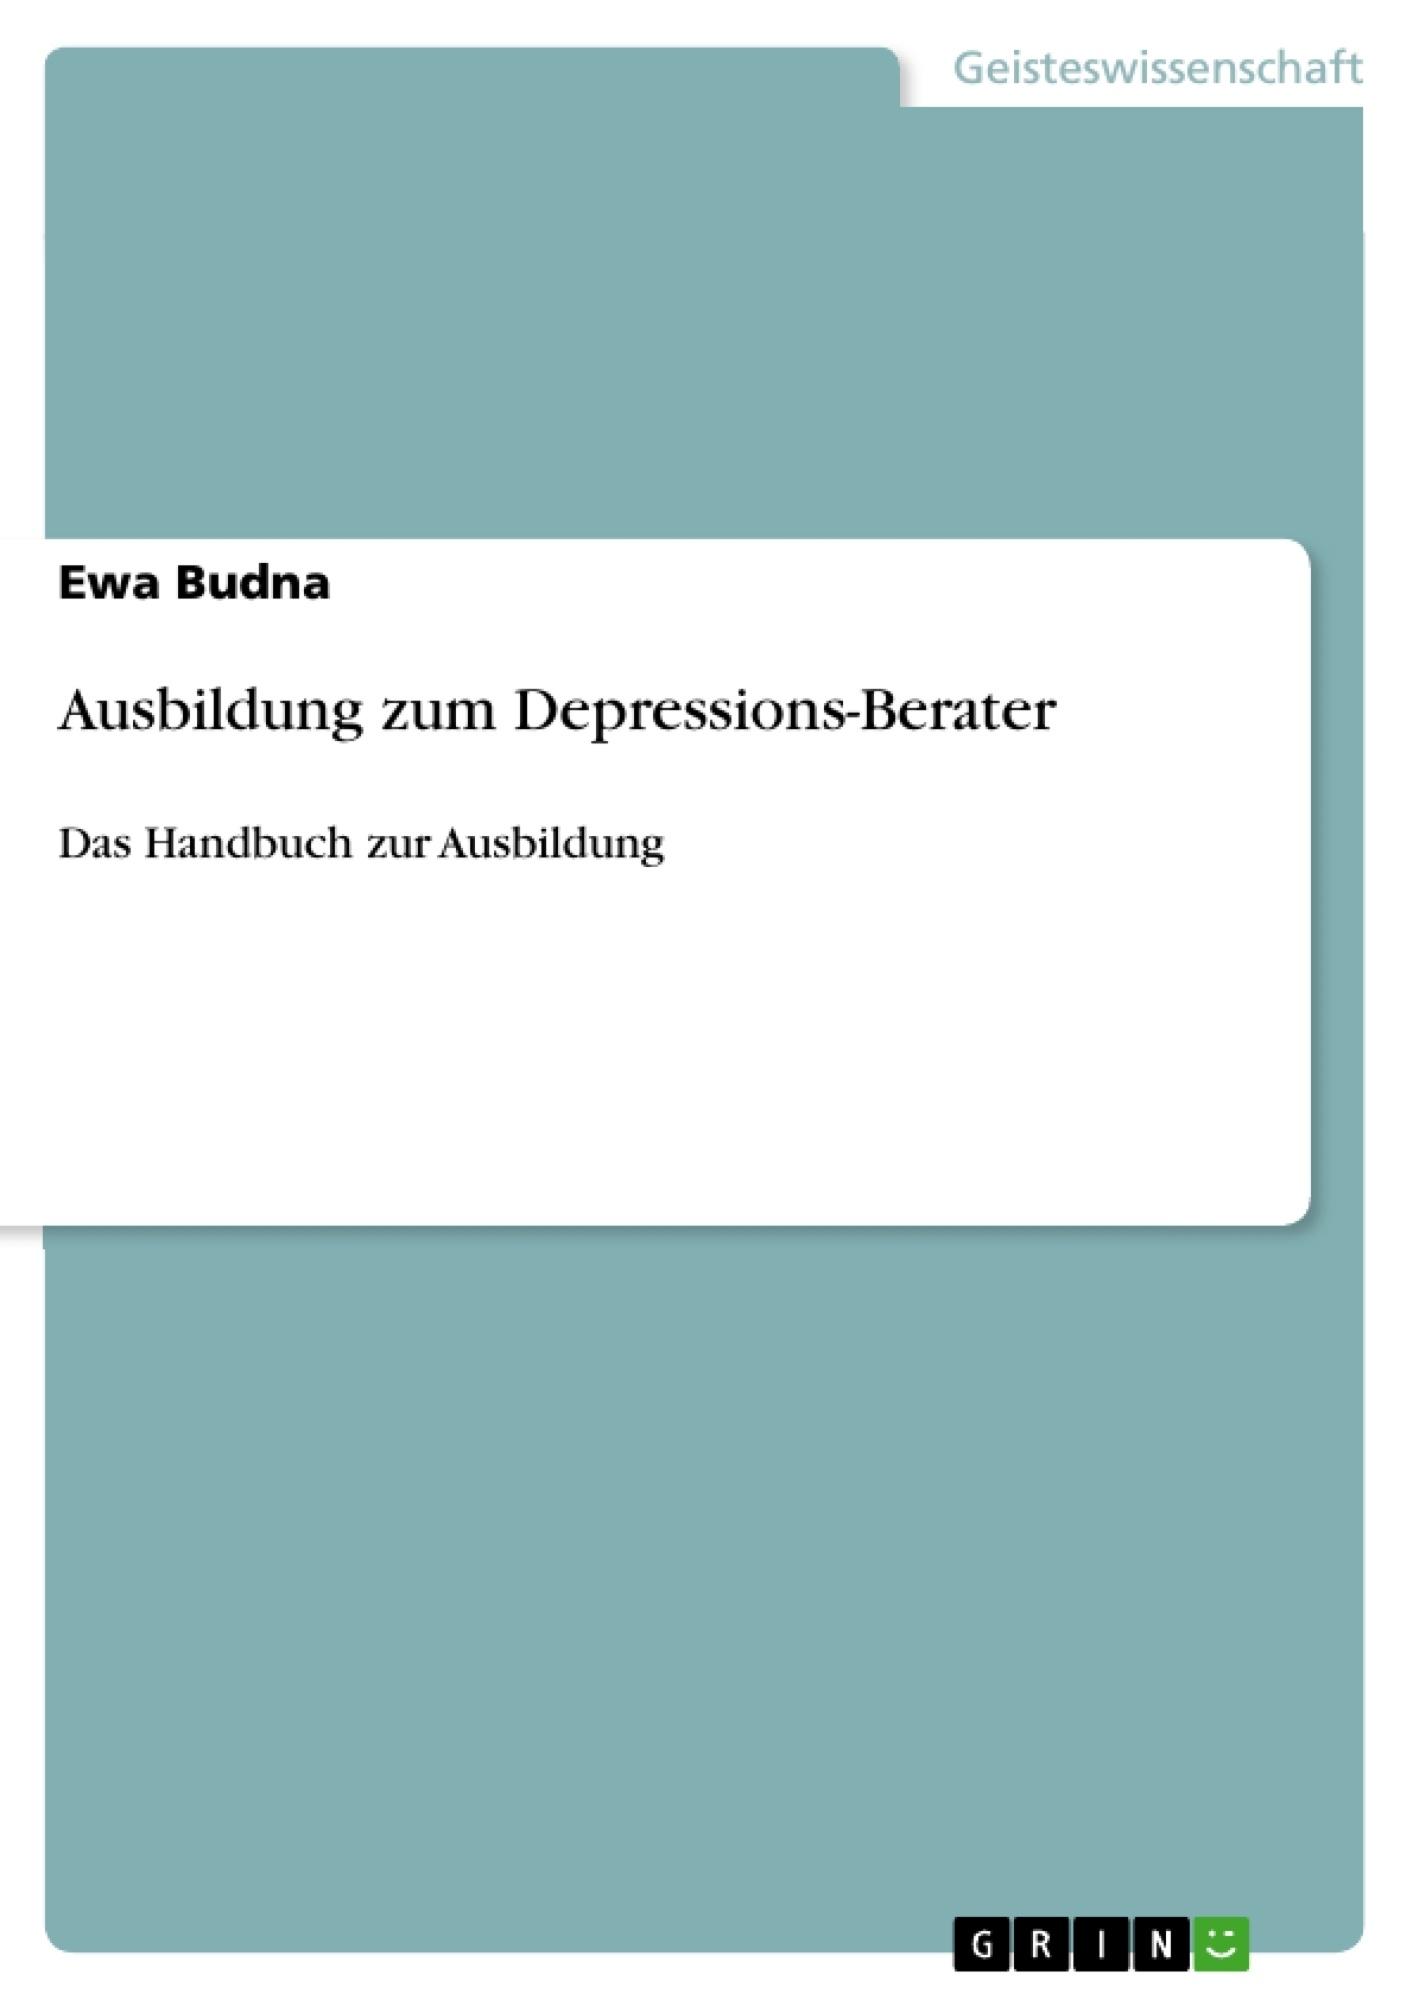 Titel: Ausbildung zum Depressions-Berater